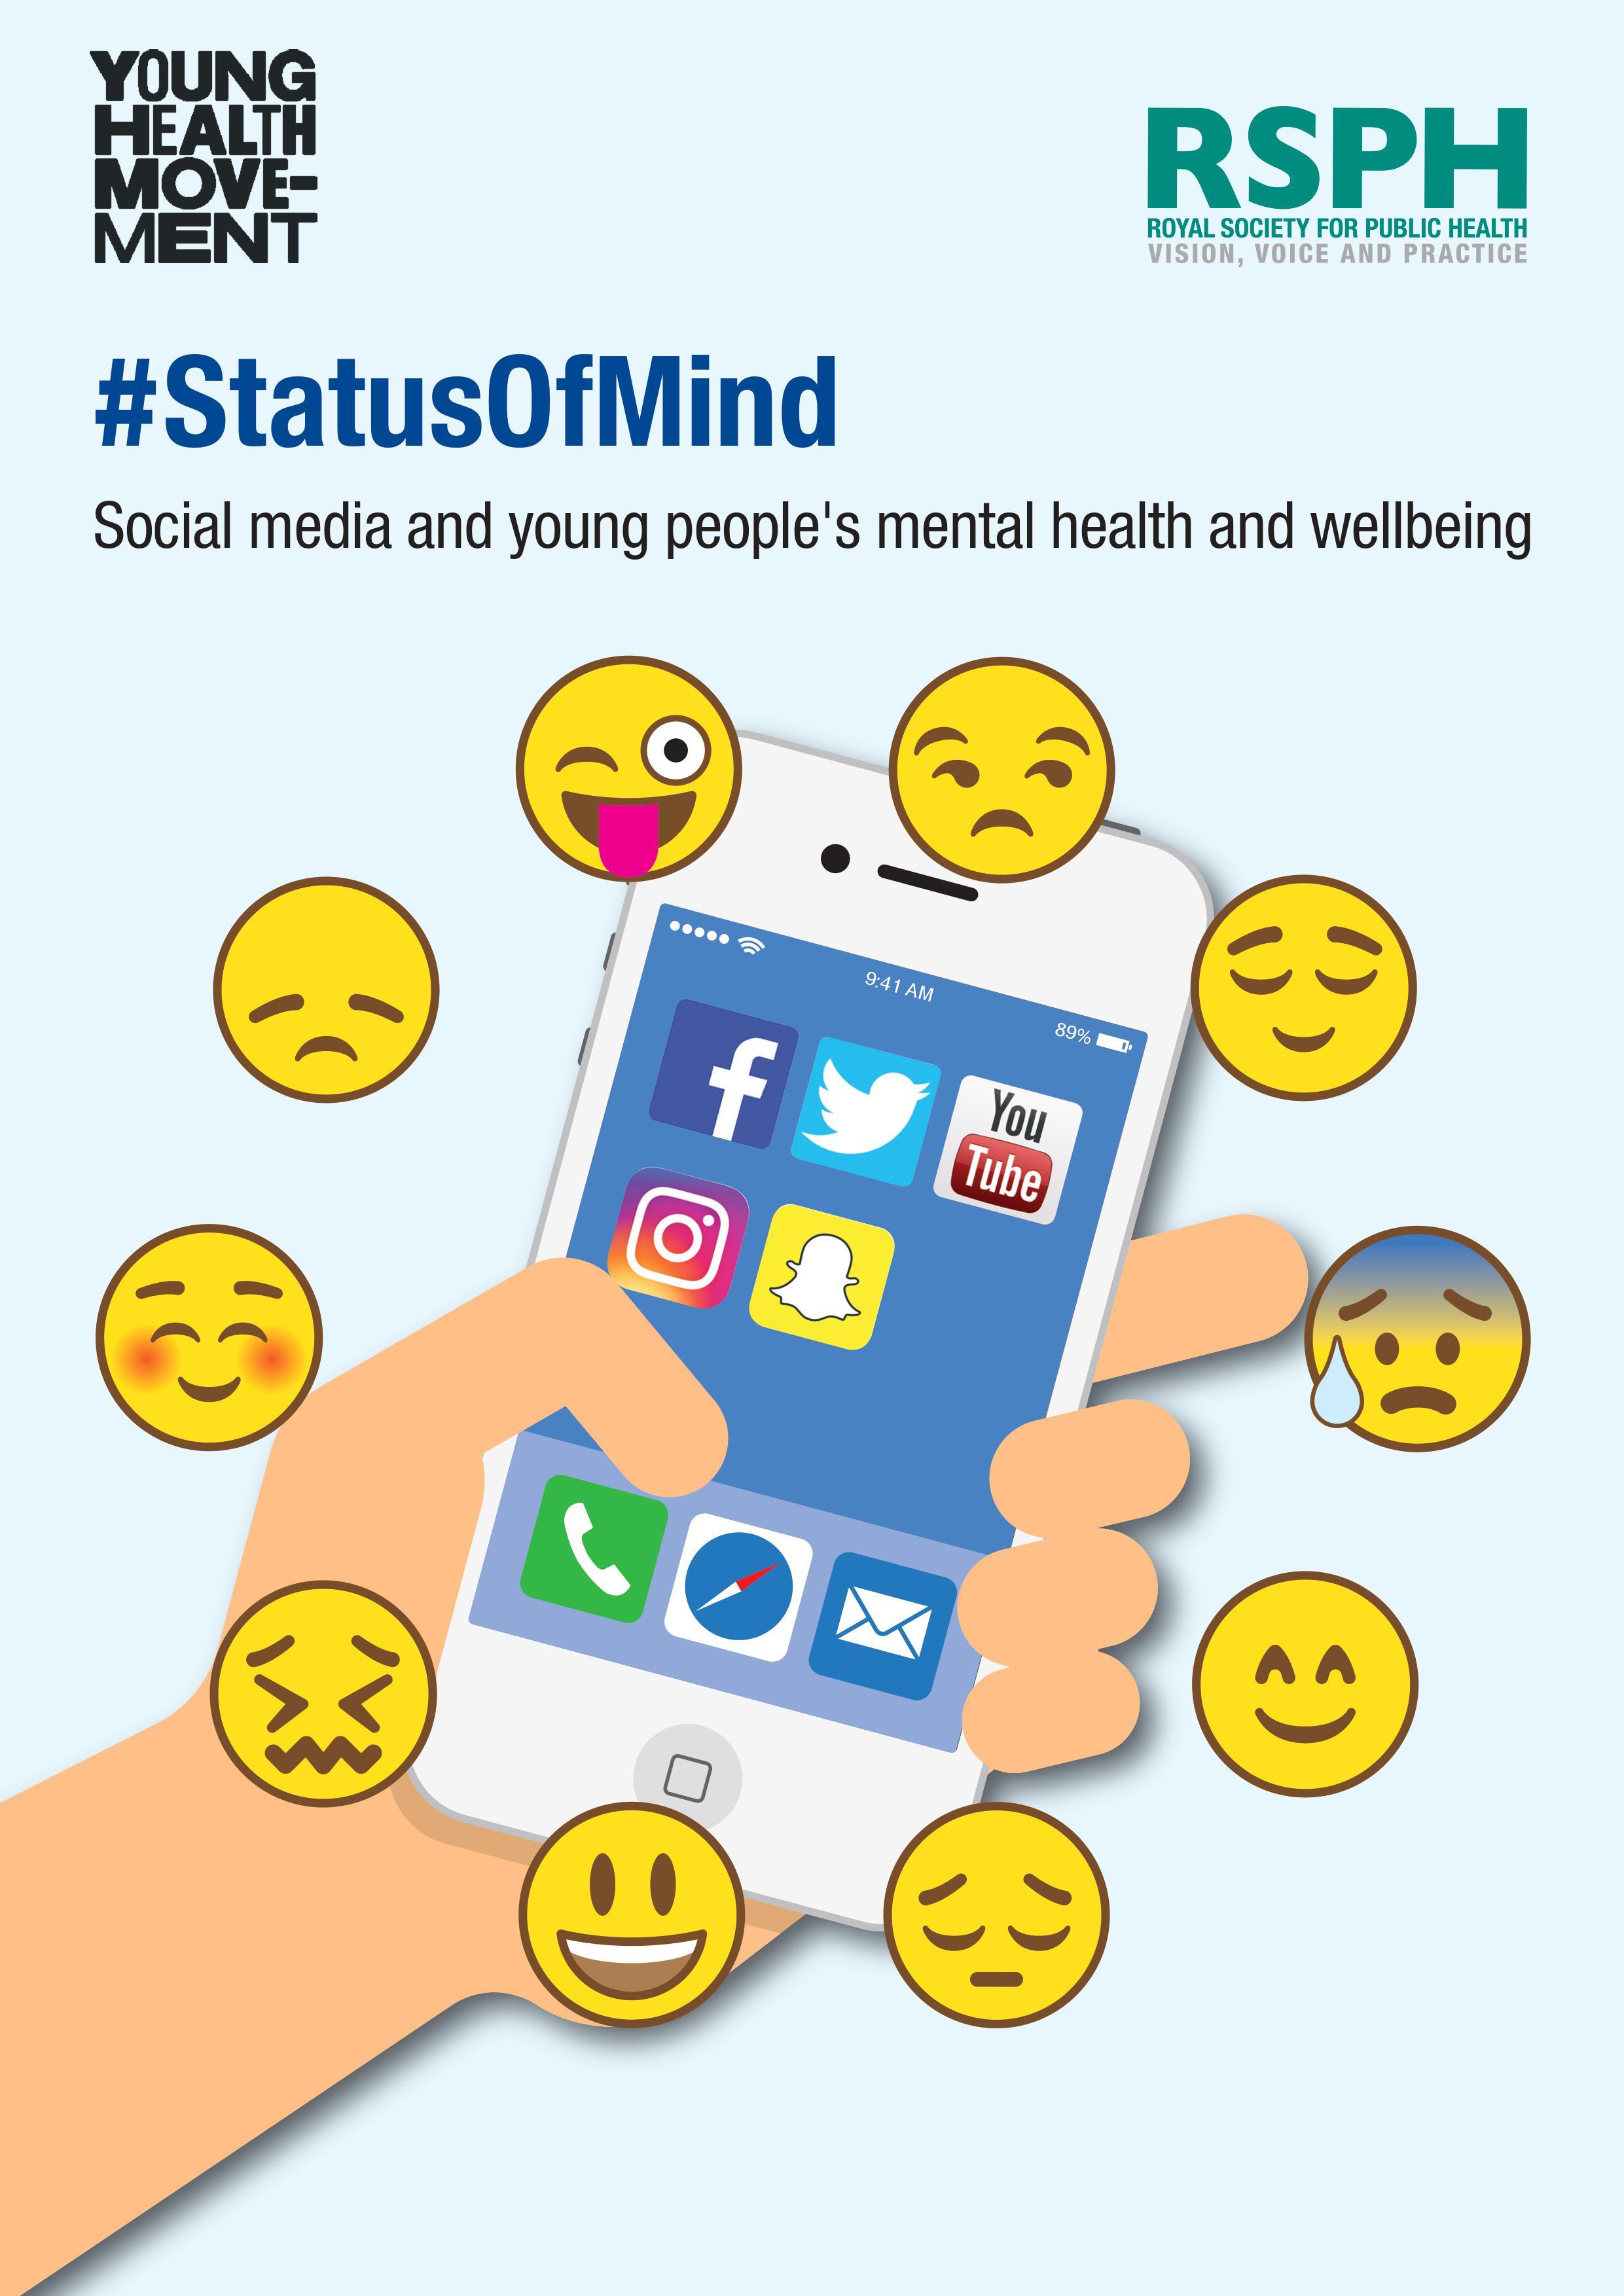 英国皇家公共卫生学院:社交媒体与年轻人精神健康